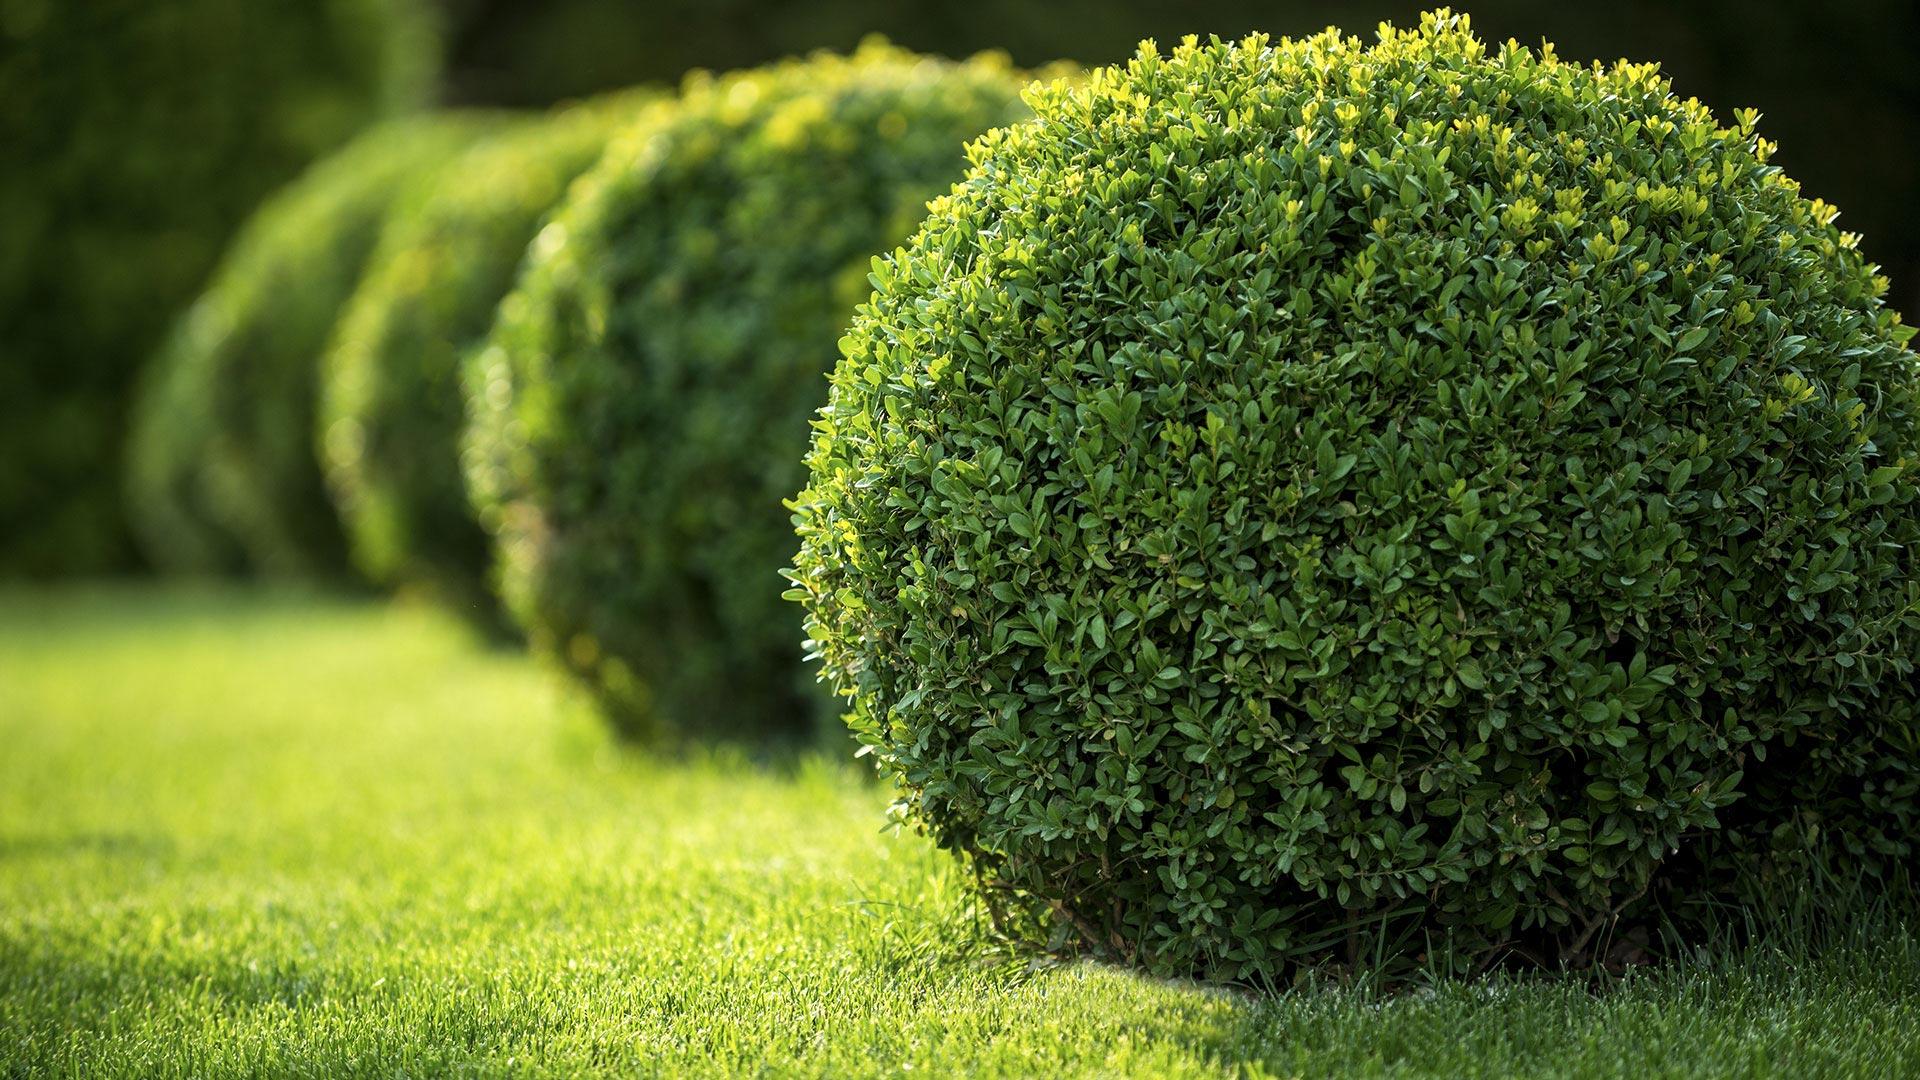 Eastside Landscaping And General Home Services Lawn Care Services, Gardening Services and Lawn Fertilization slide 1